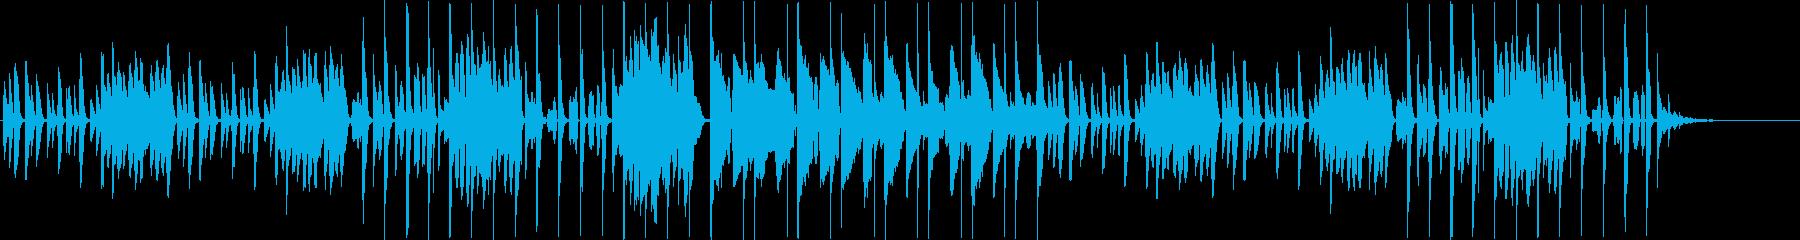 ノスタルジーなピアノ+リコーダー+リズムの再生済みの波形